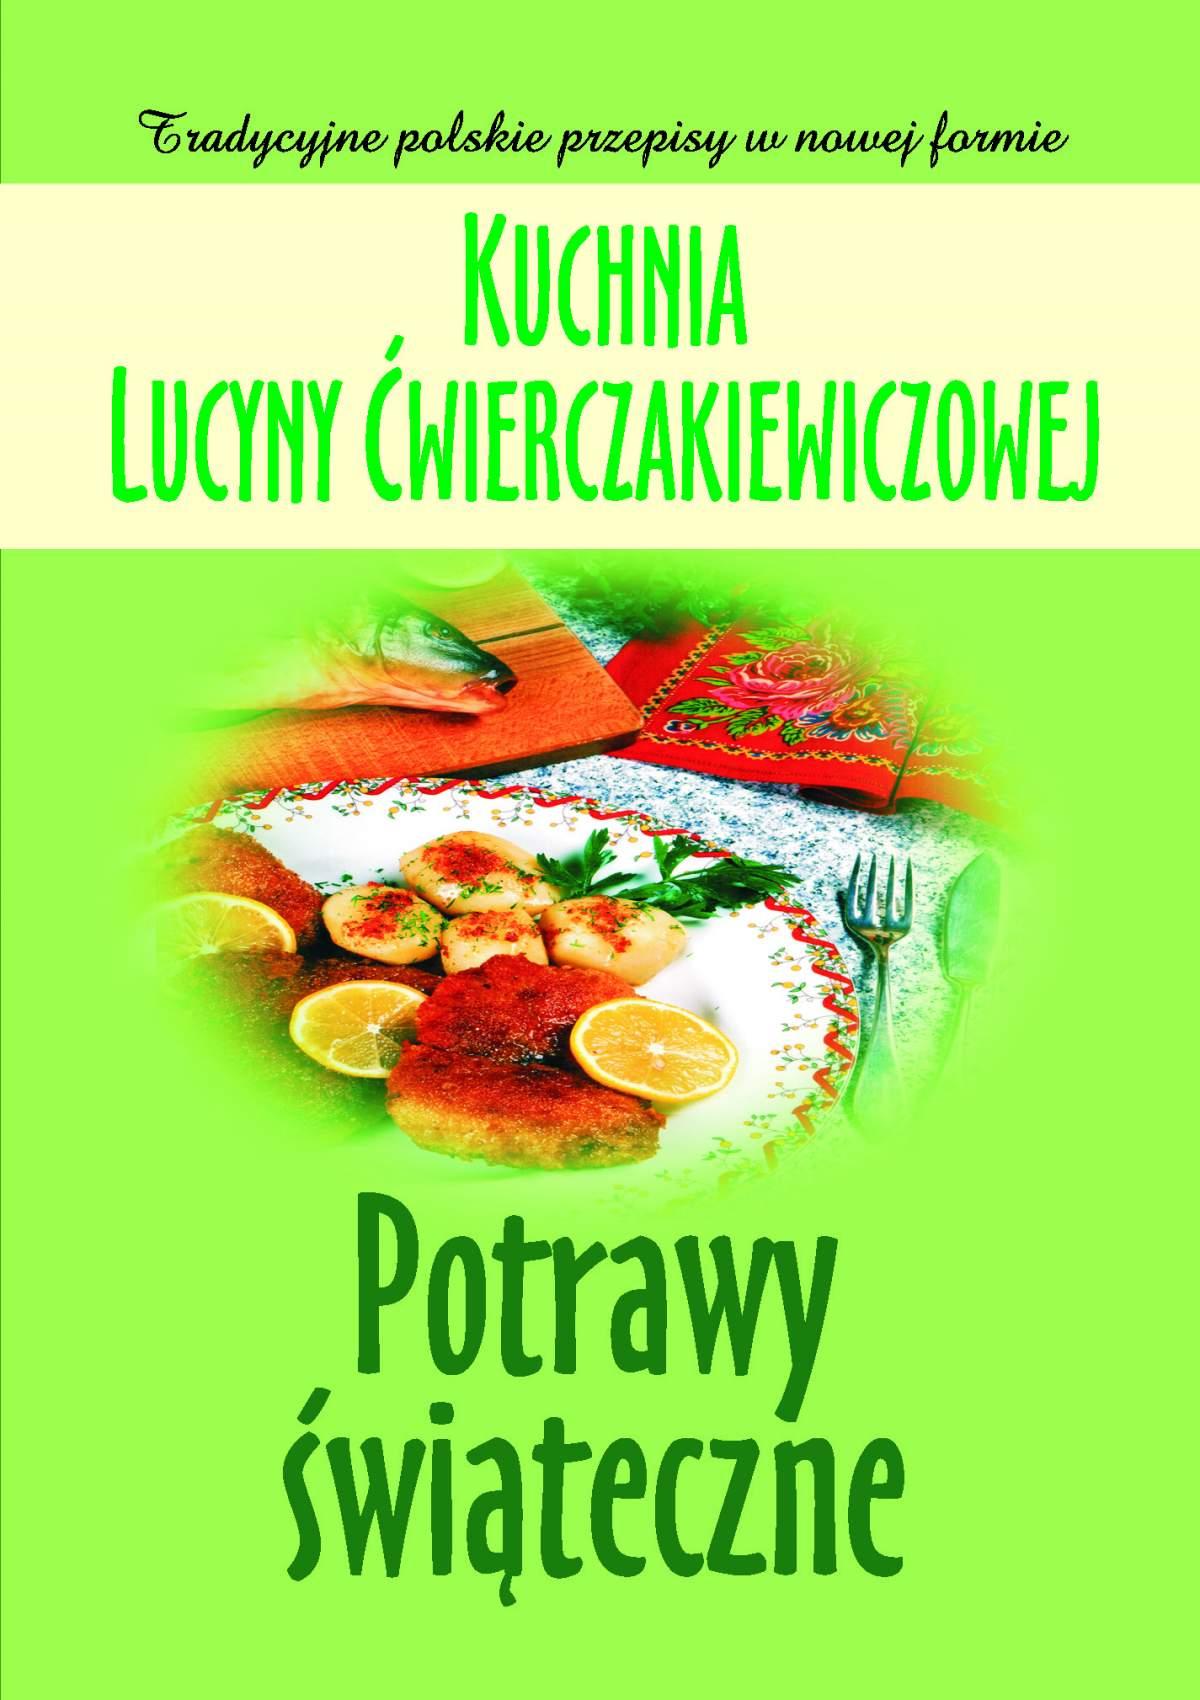 Kuchnia Lucyny Ćwierczakiewiczowej. Potrawy świąteczne - Ebook (Książka EPUB) do pobrania w formacie EPUB